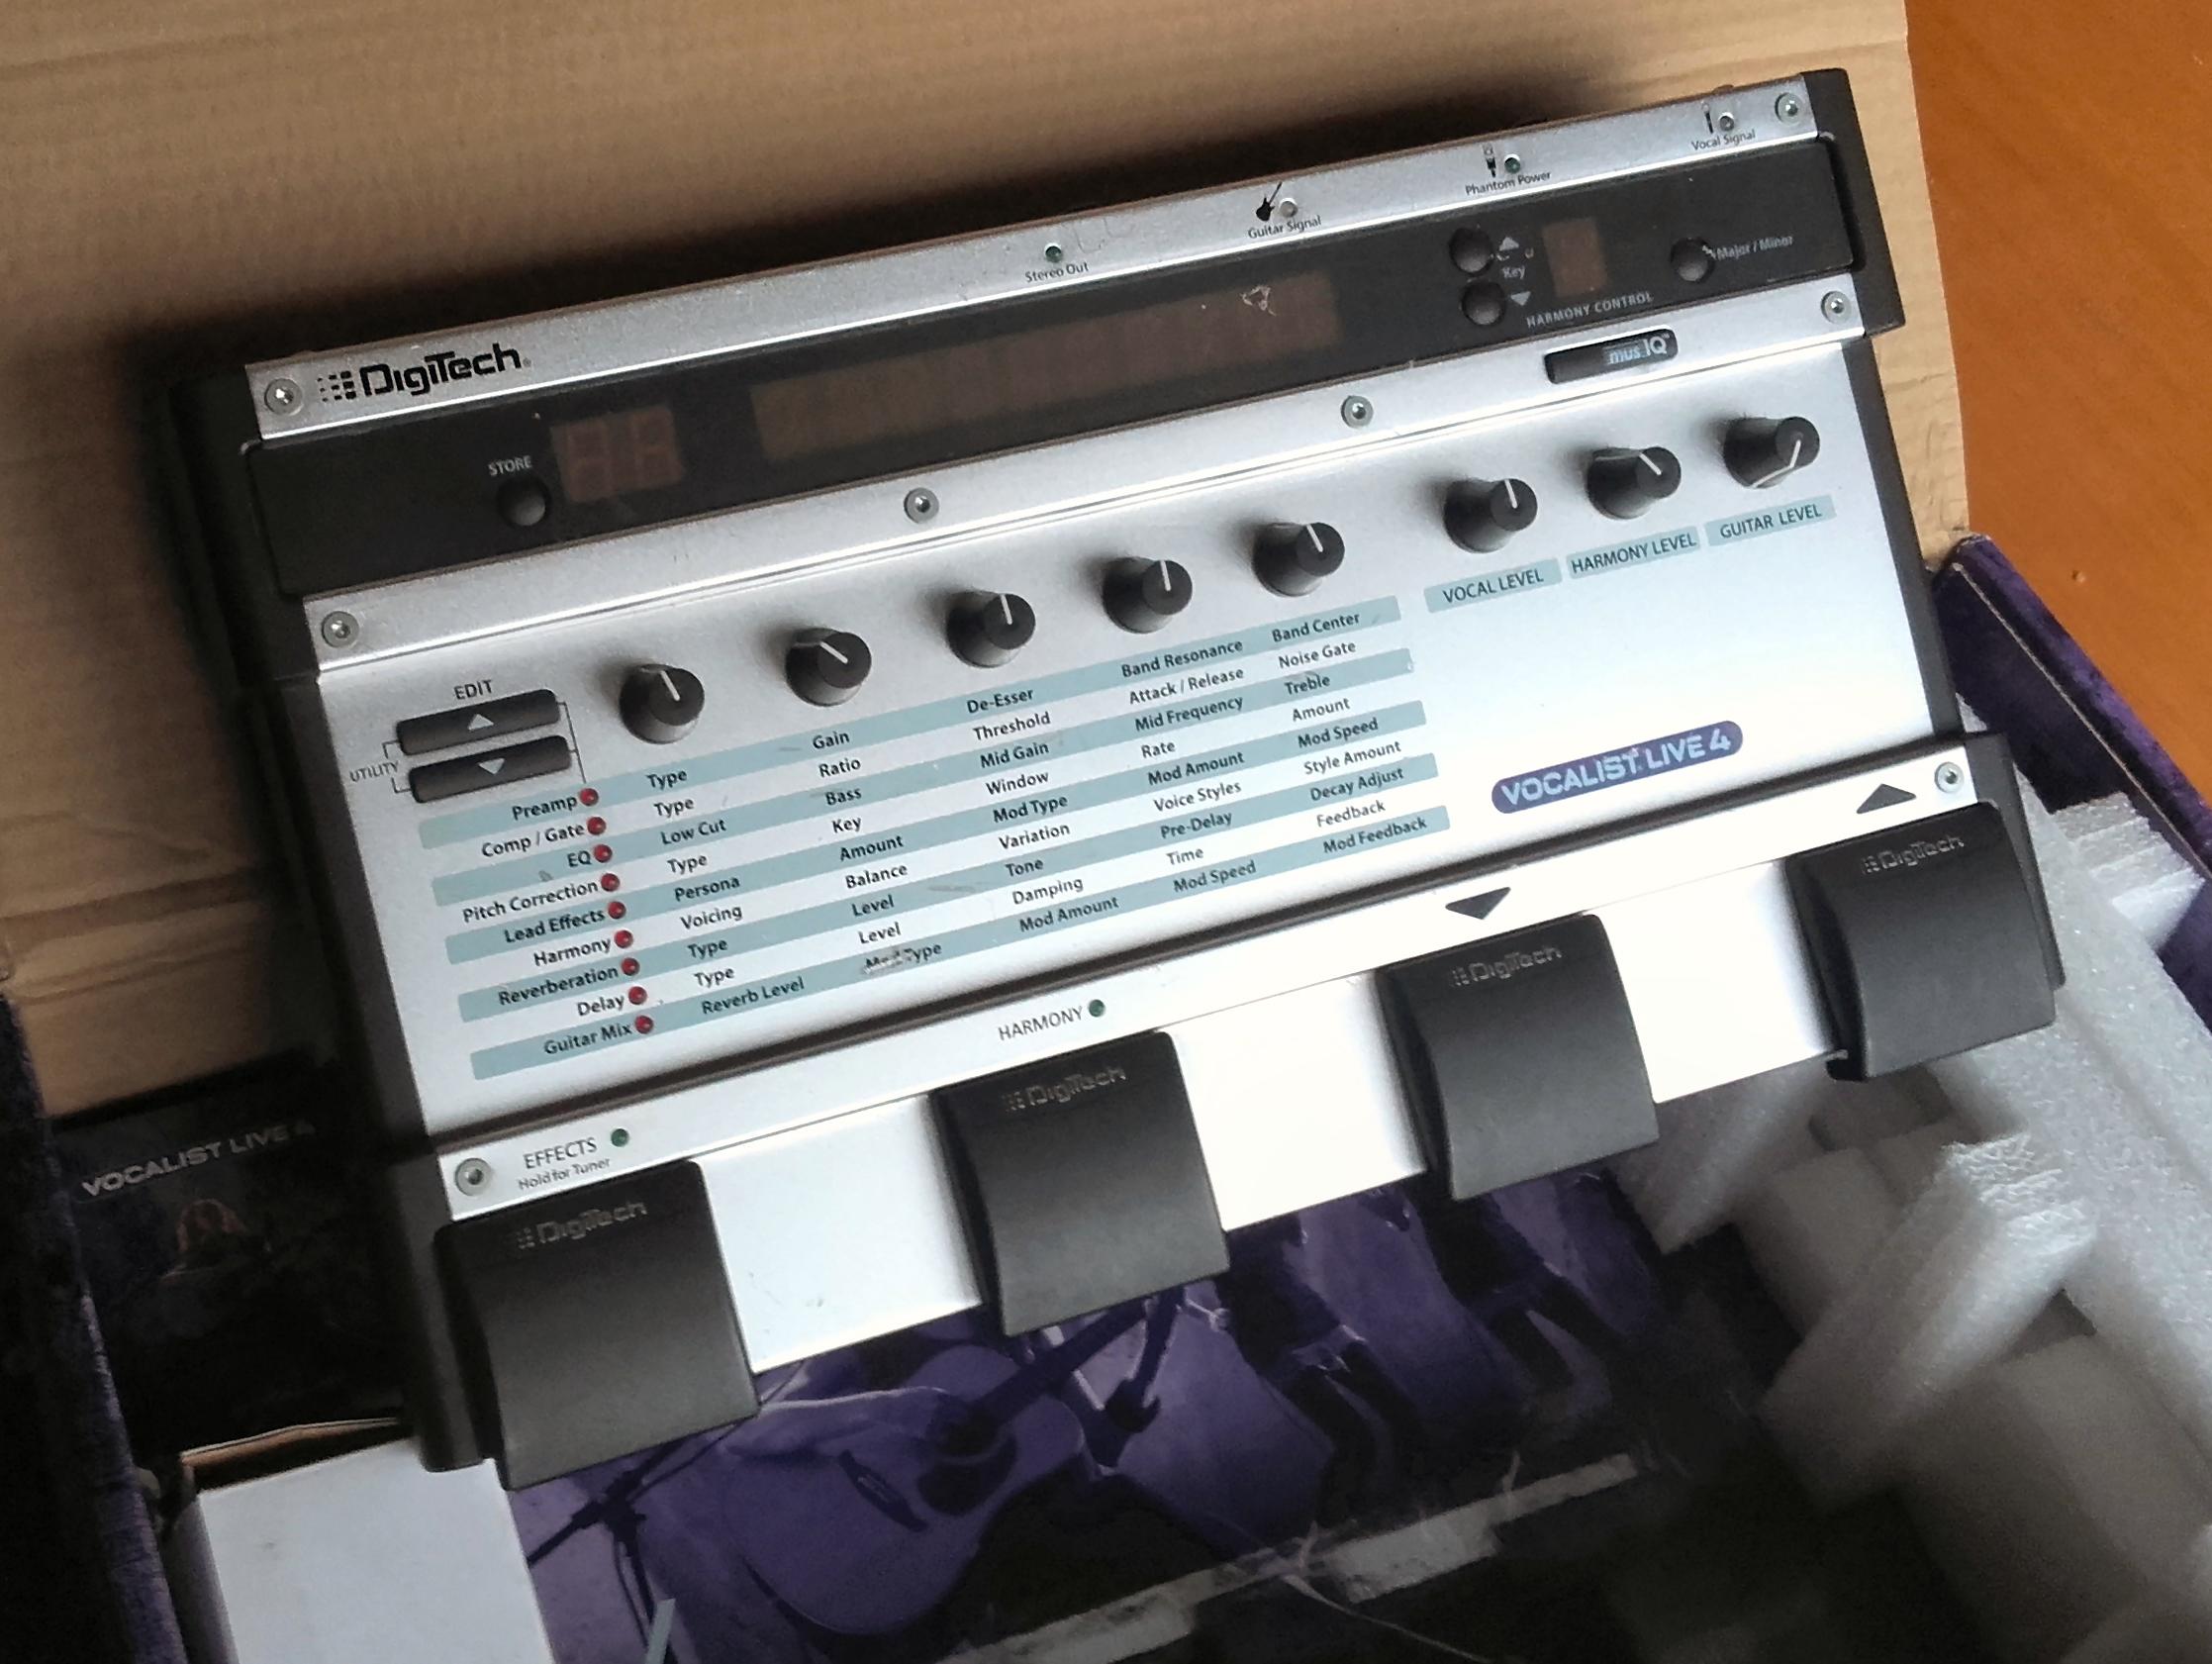 digitech vocalist live 4 image 1525602 audiofanzine. Black Bedroom Furniture Sets. Home Design Ideas